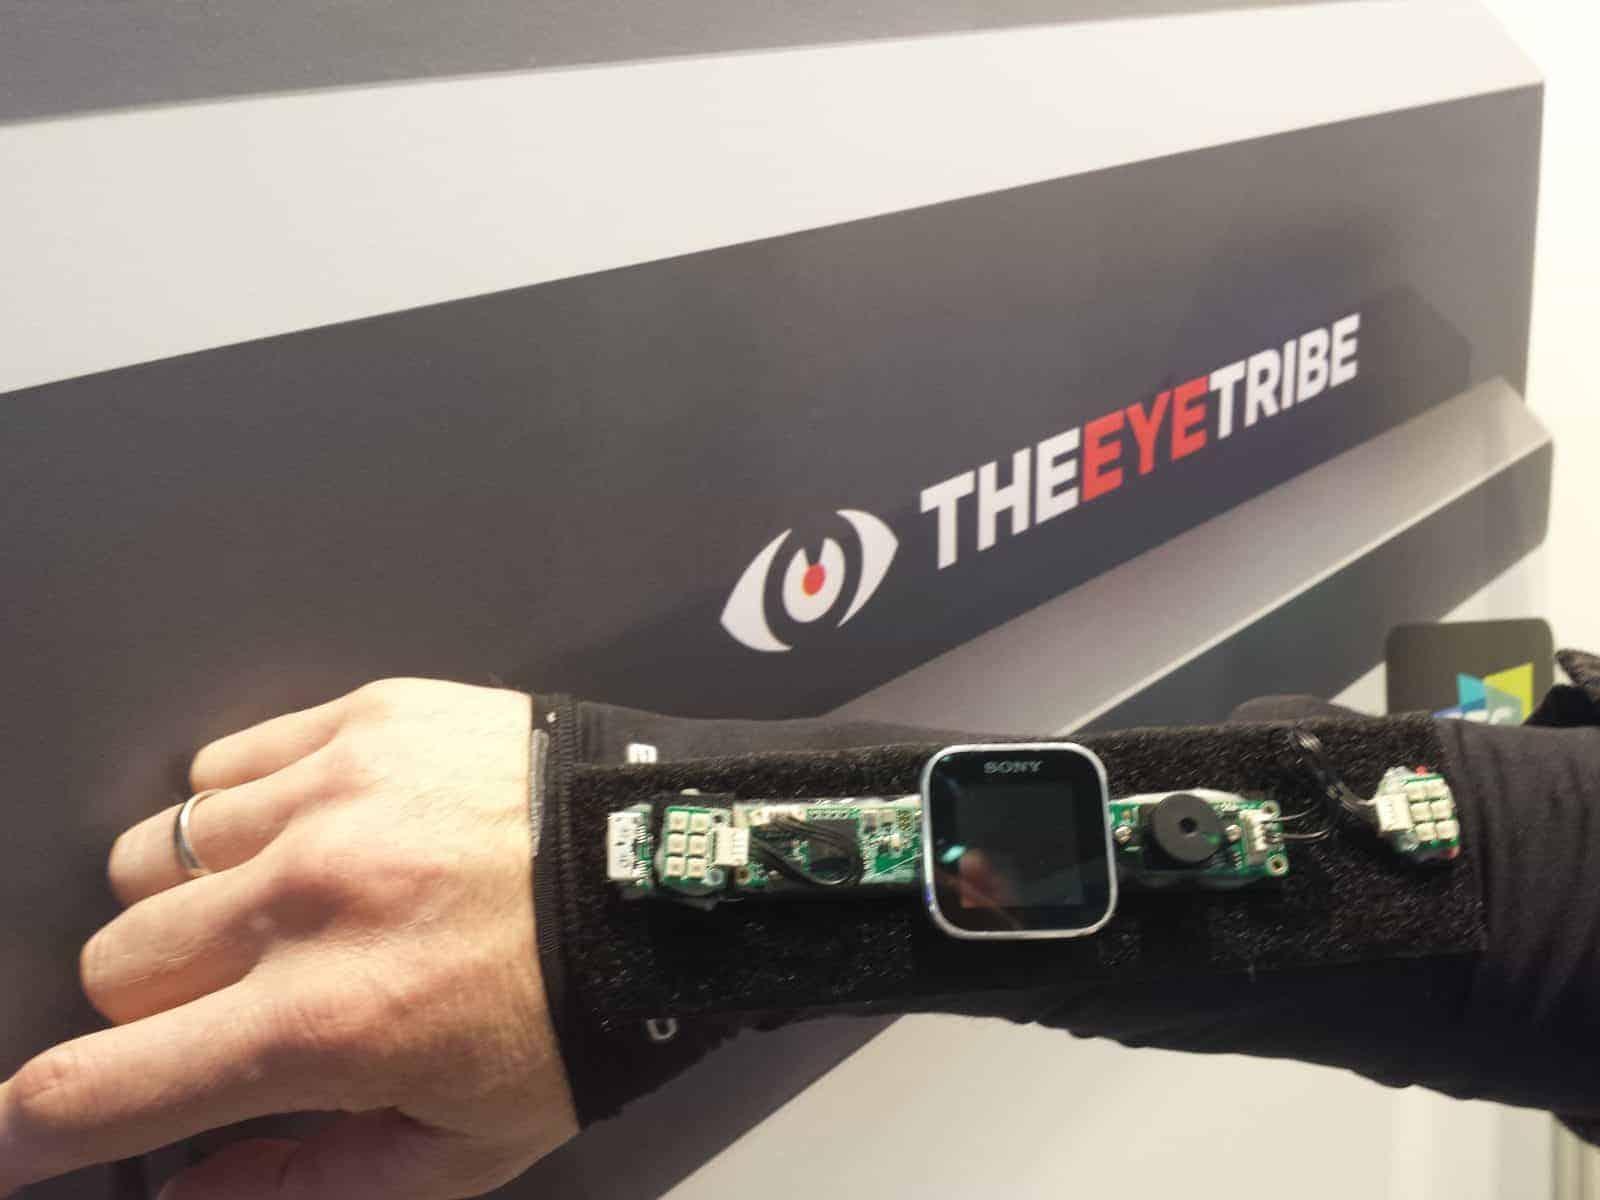 The Eye Tribe - smart watch prototype